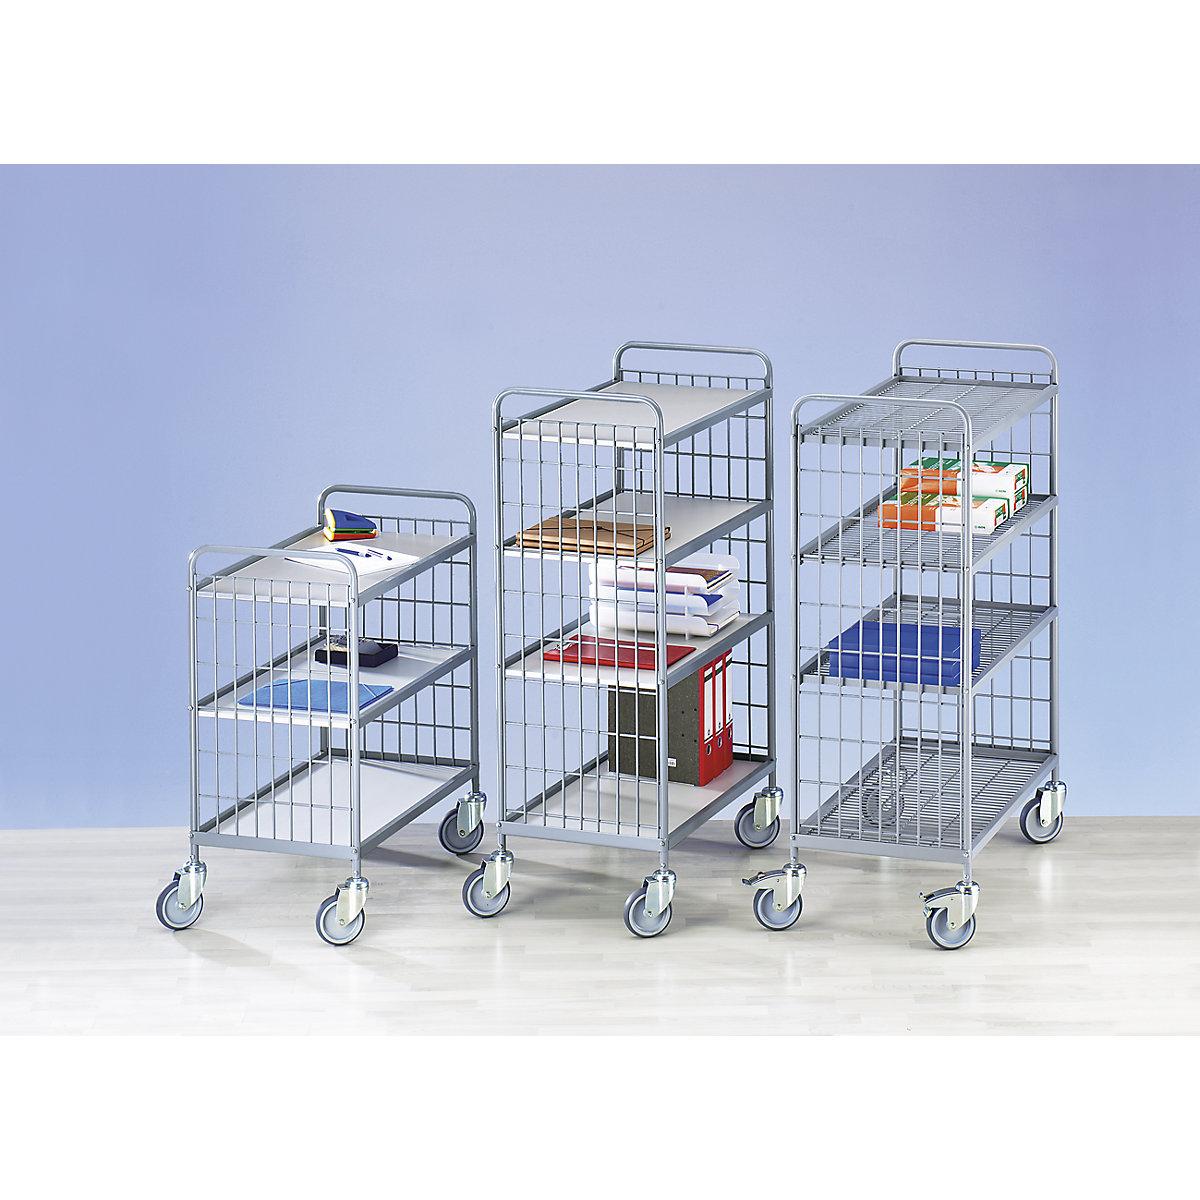 Carrello A Ripiani Per Ufficio Portata 150 Kg Ripiani Pannelli Con Verniciatura Plastica In Grigio Chiaro Kaiser Kraft Italia